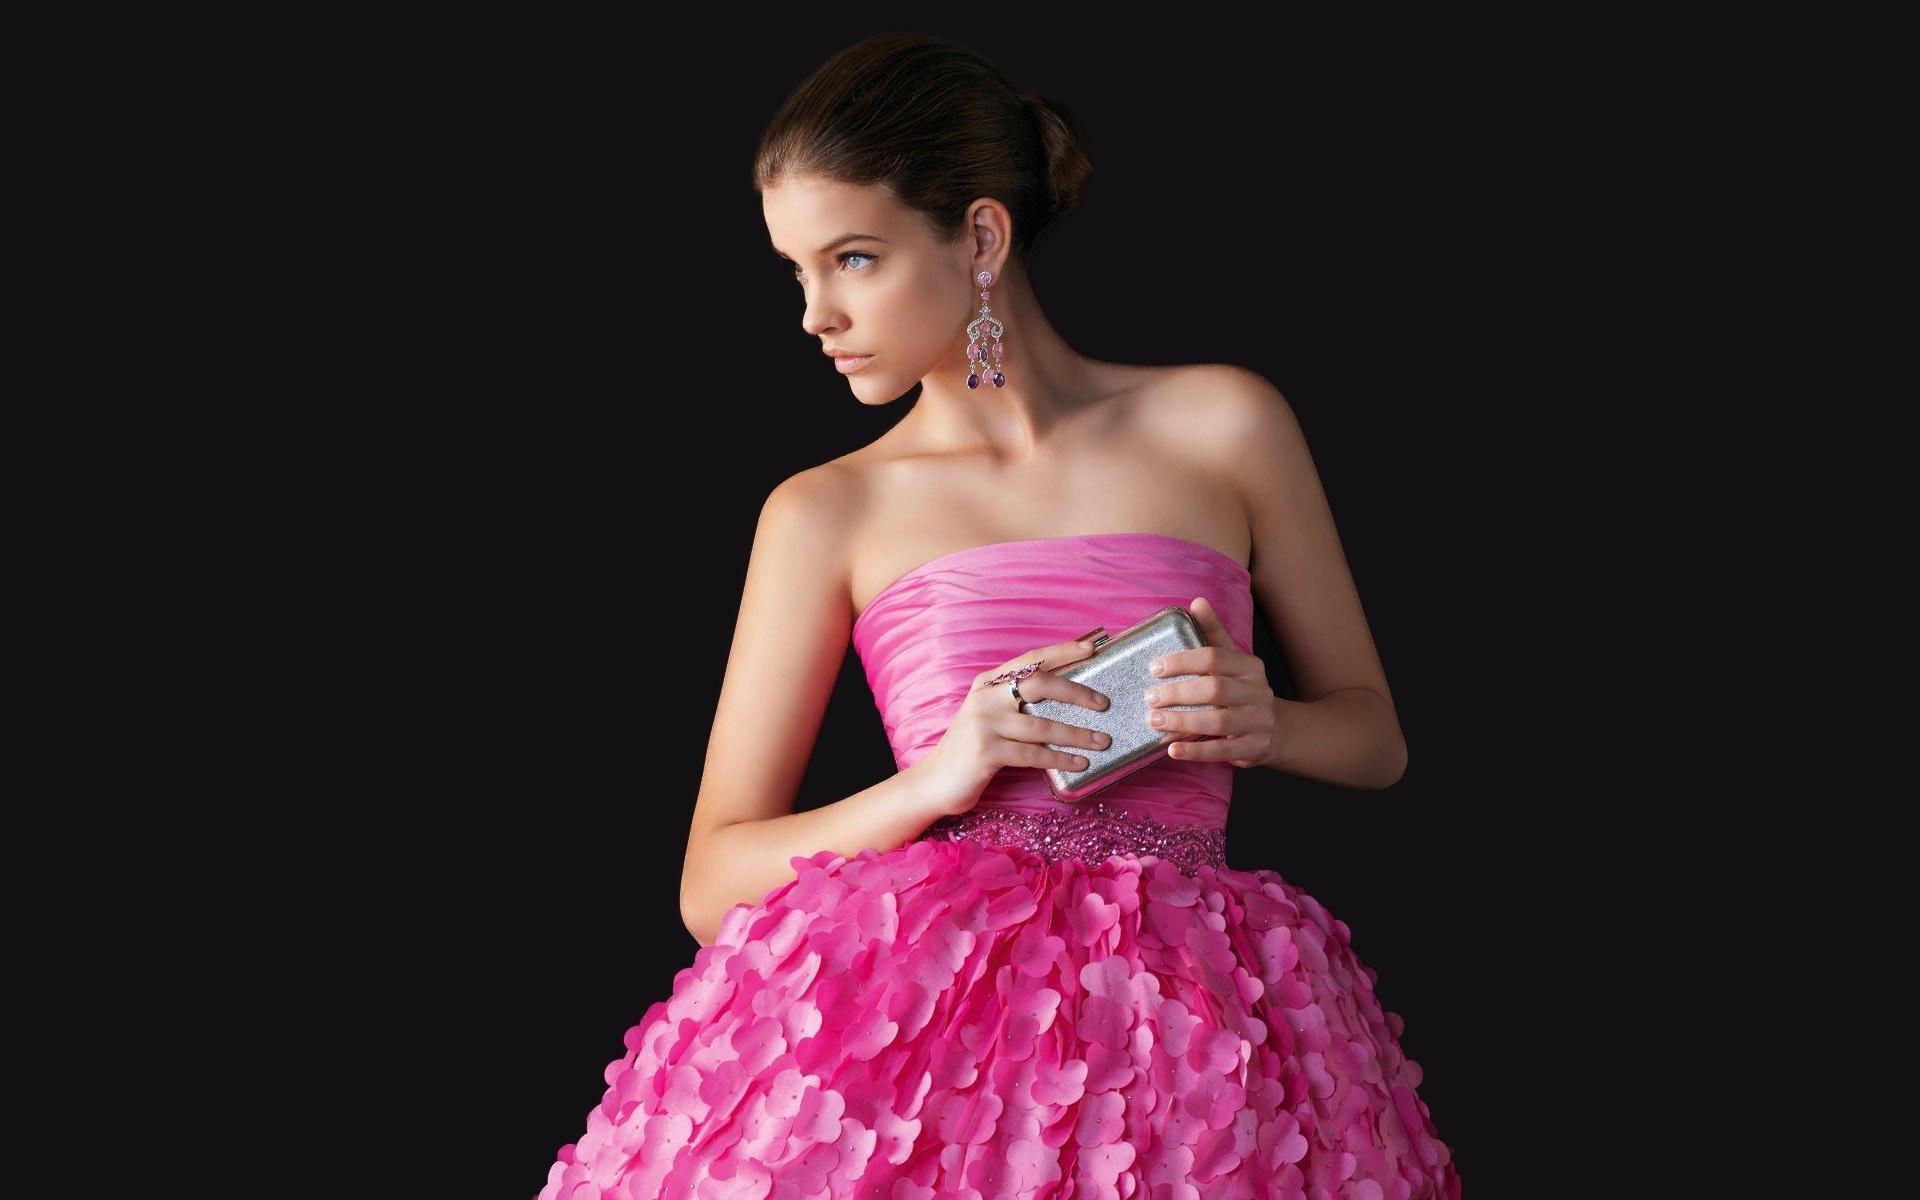 Vestidos rosados - 1920x1200